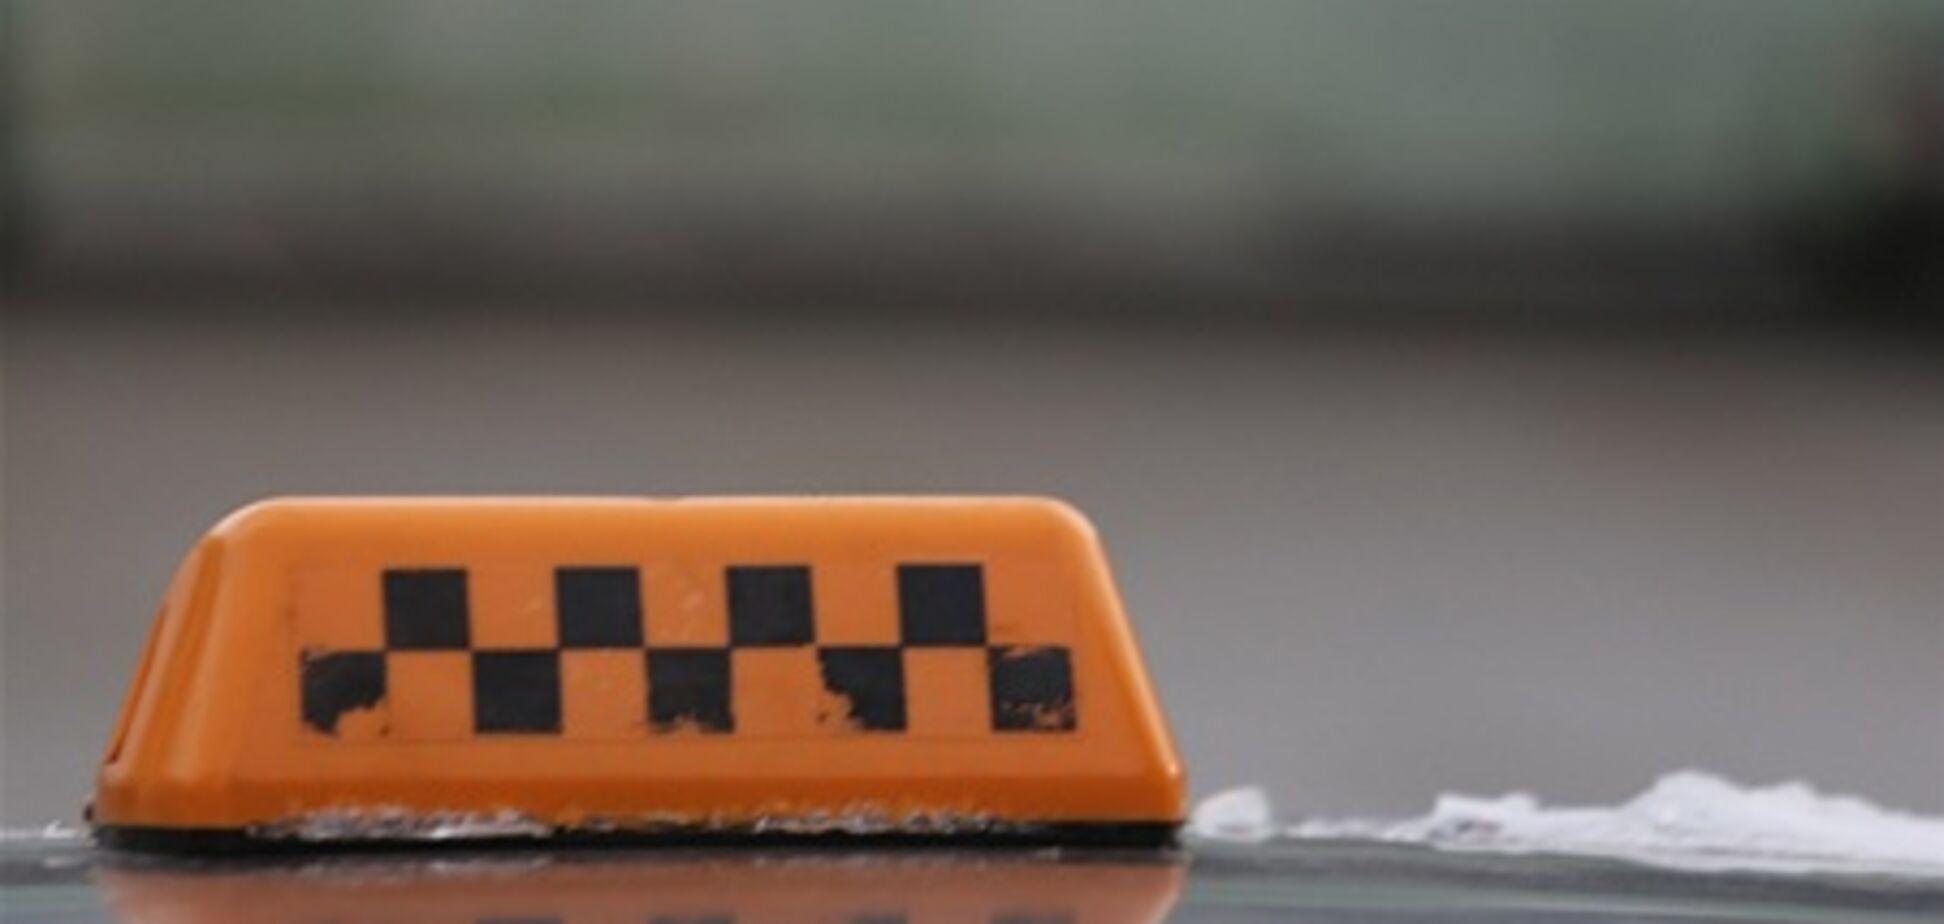 Шашечна рулетка: чому в таксі беруть всіх без розбору